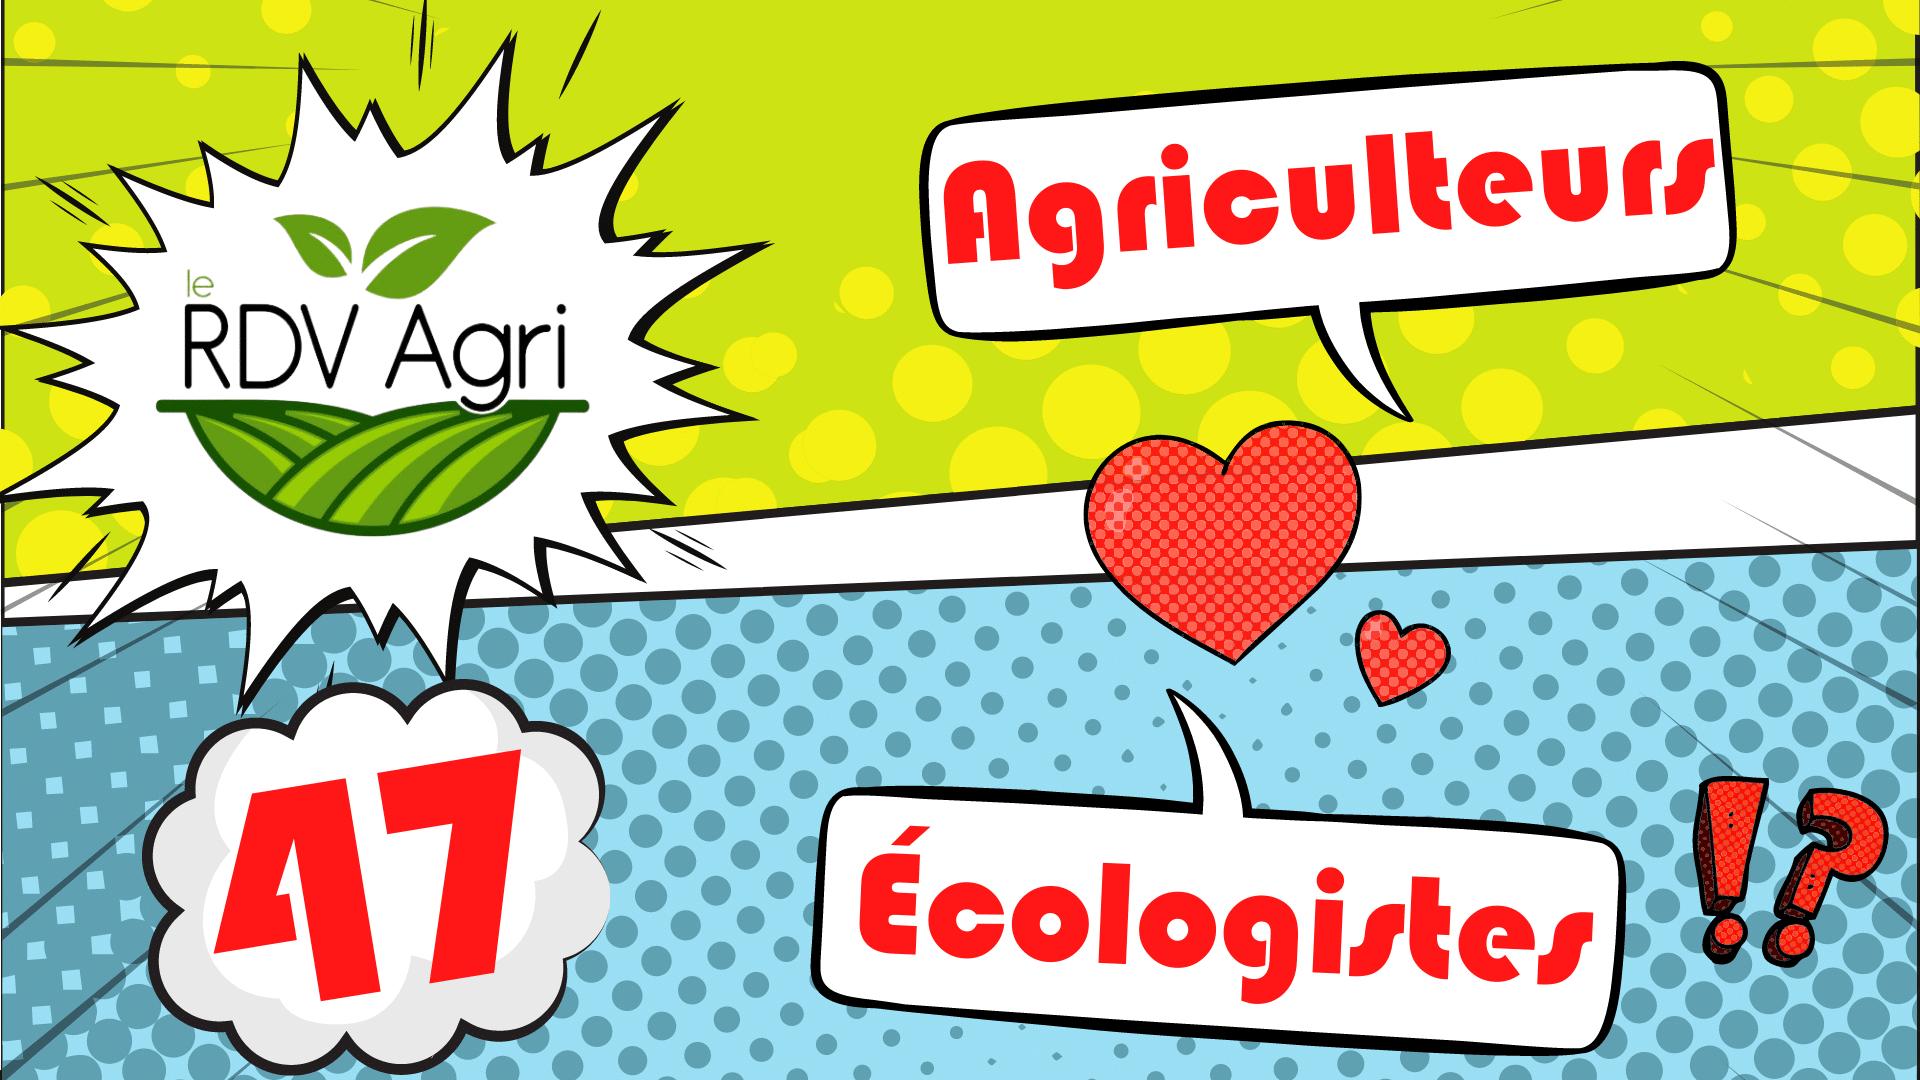 Peut-on réconcilier les agriculteurs et les écologistes ?